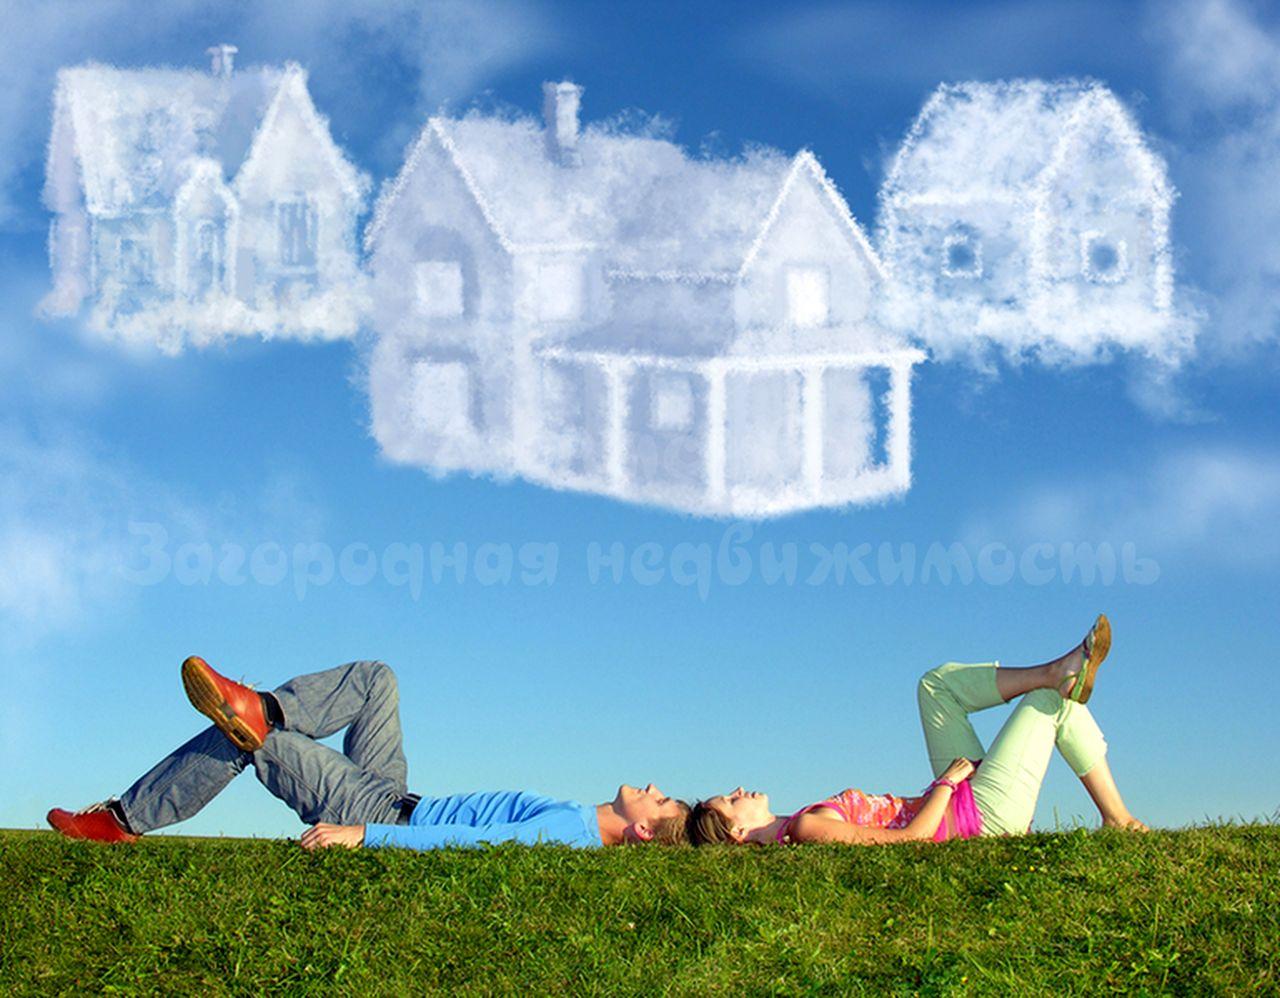 740. Постройте дом своей мечты и живите так, как вам нравится